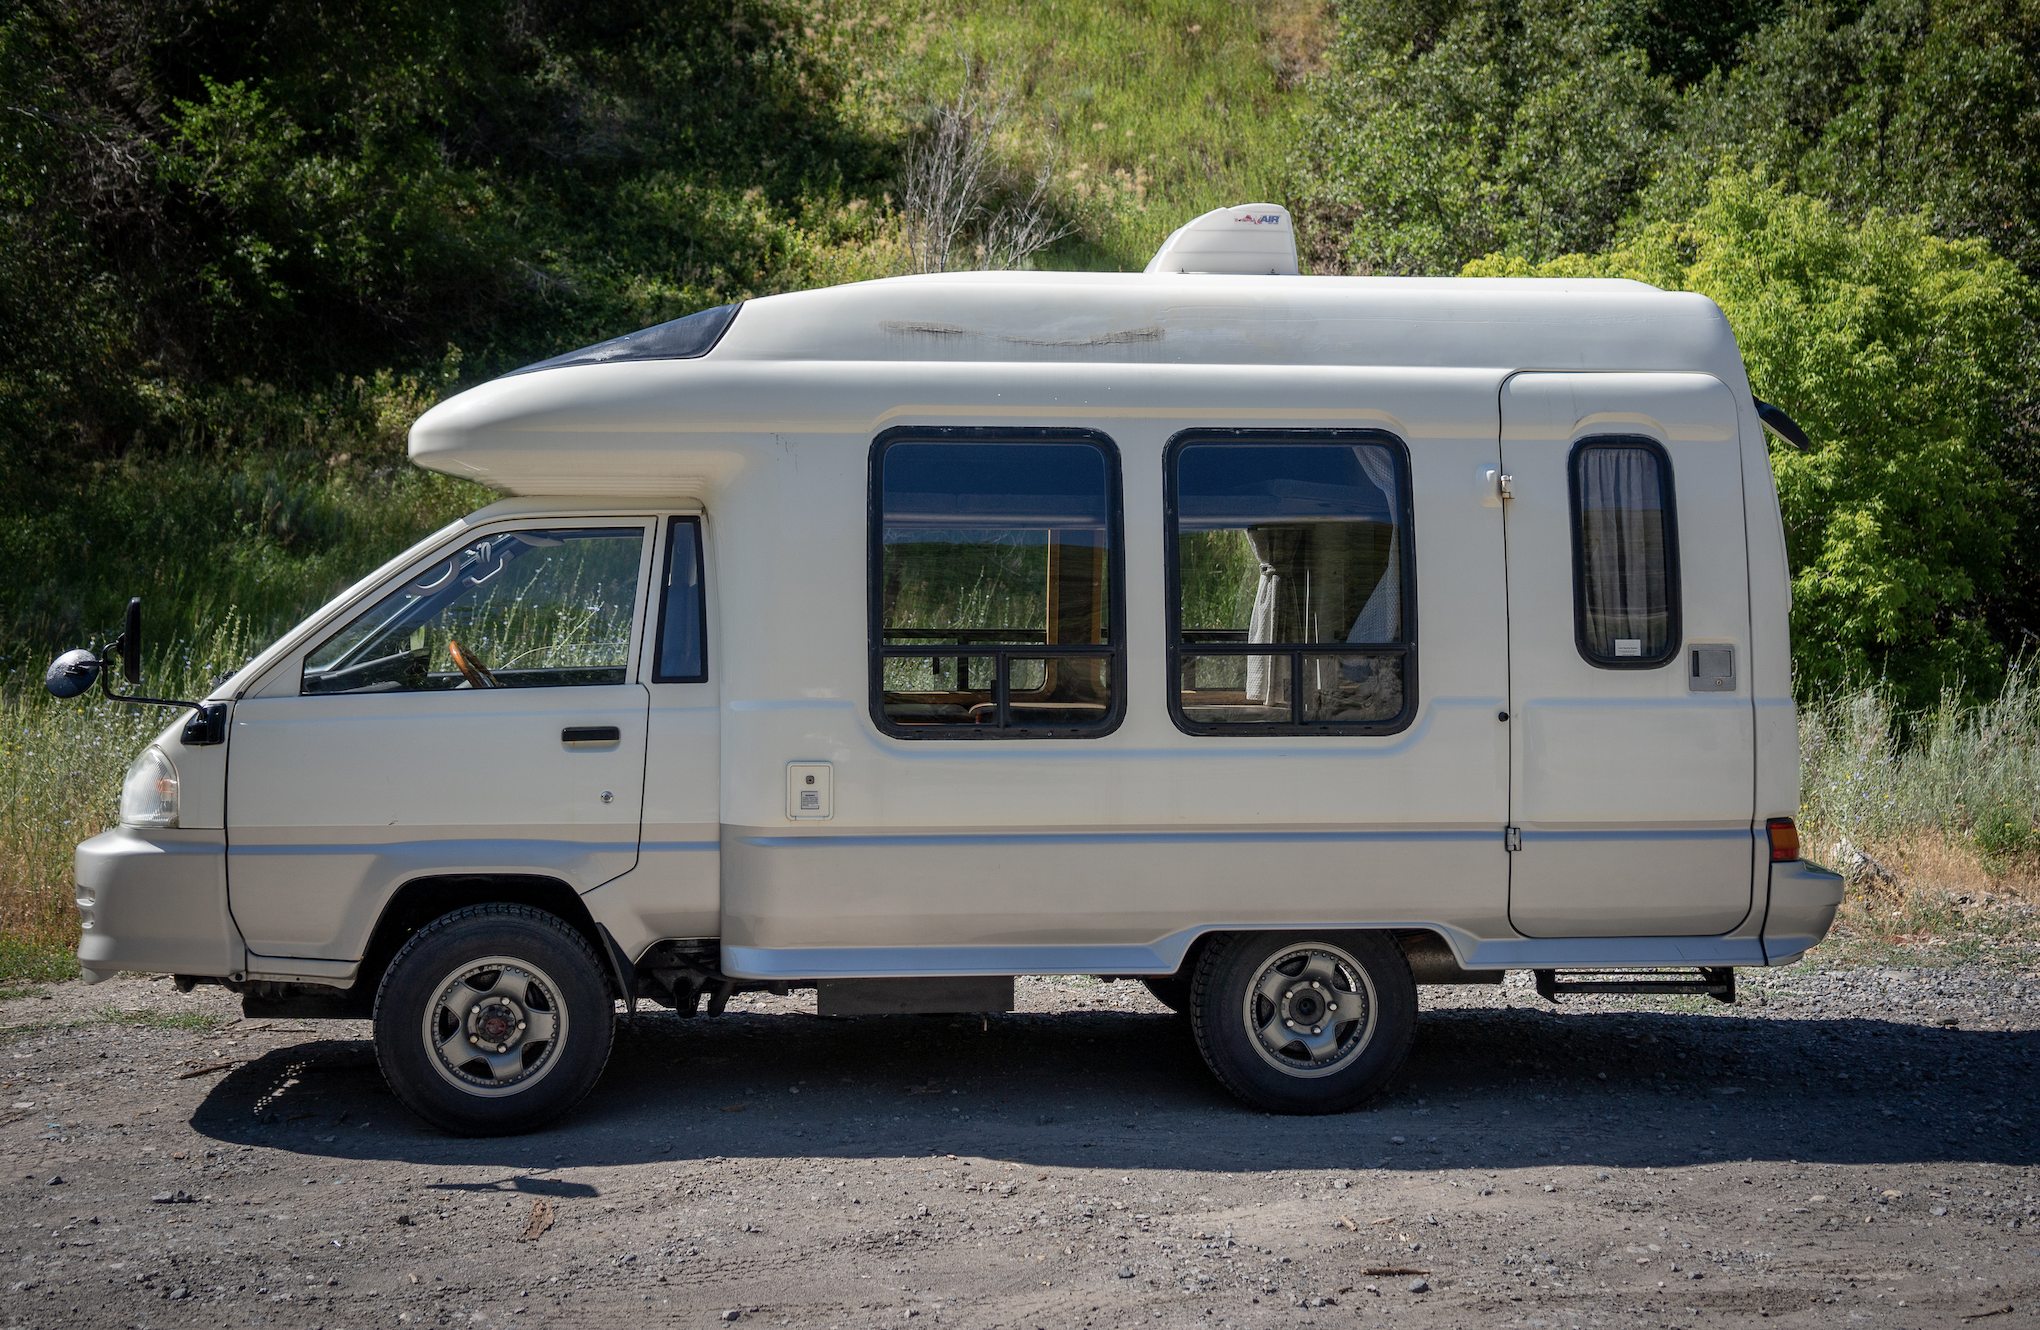 Toyota Camper Van Jdm Vans For Sale In Usa Japanese Vans